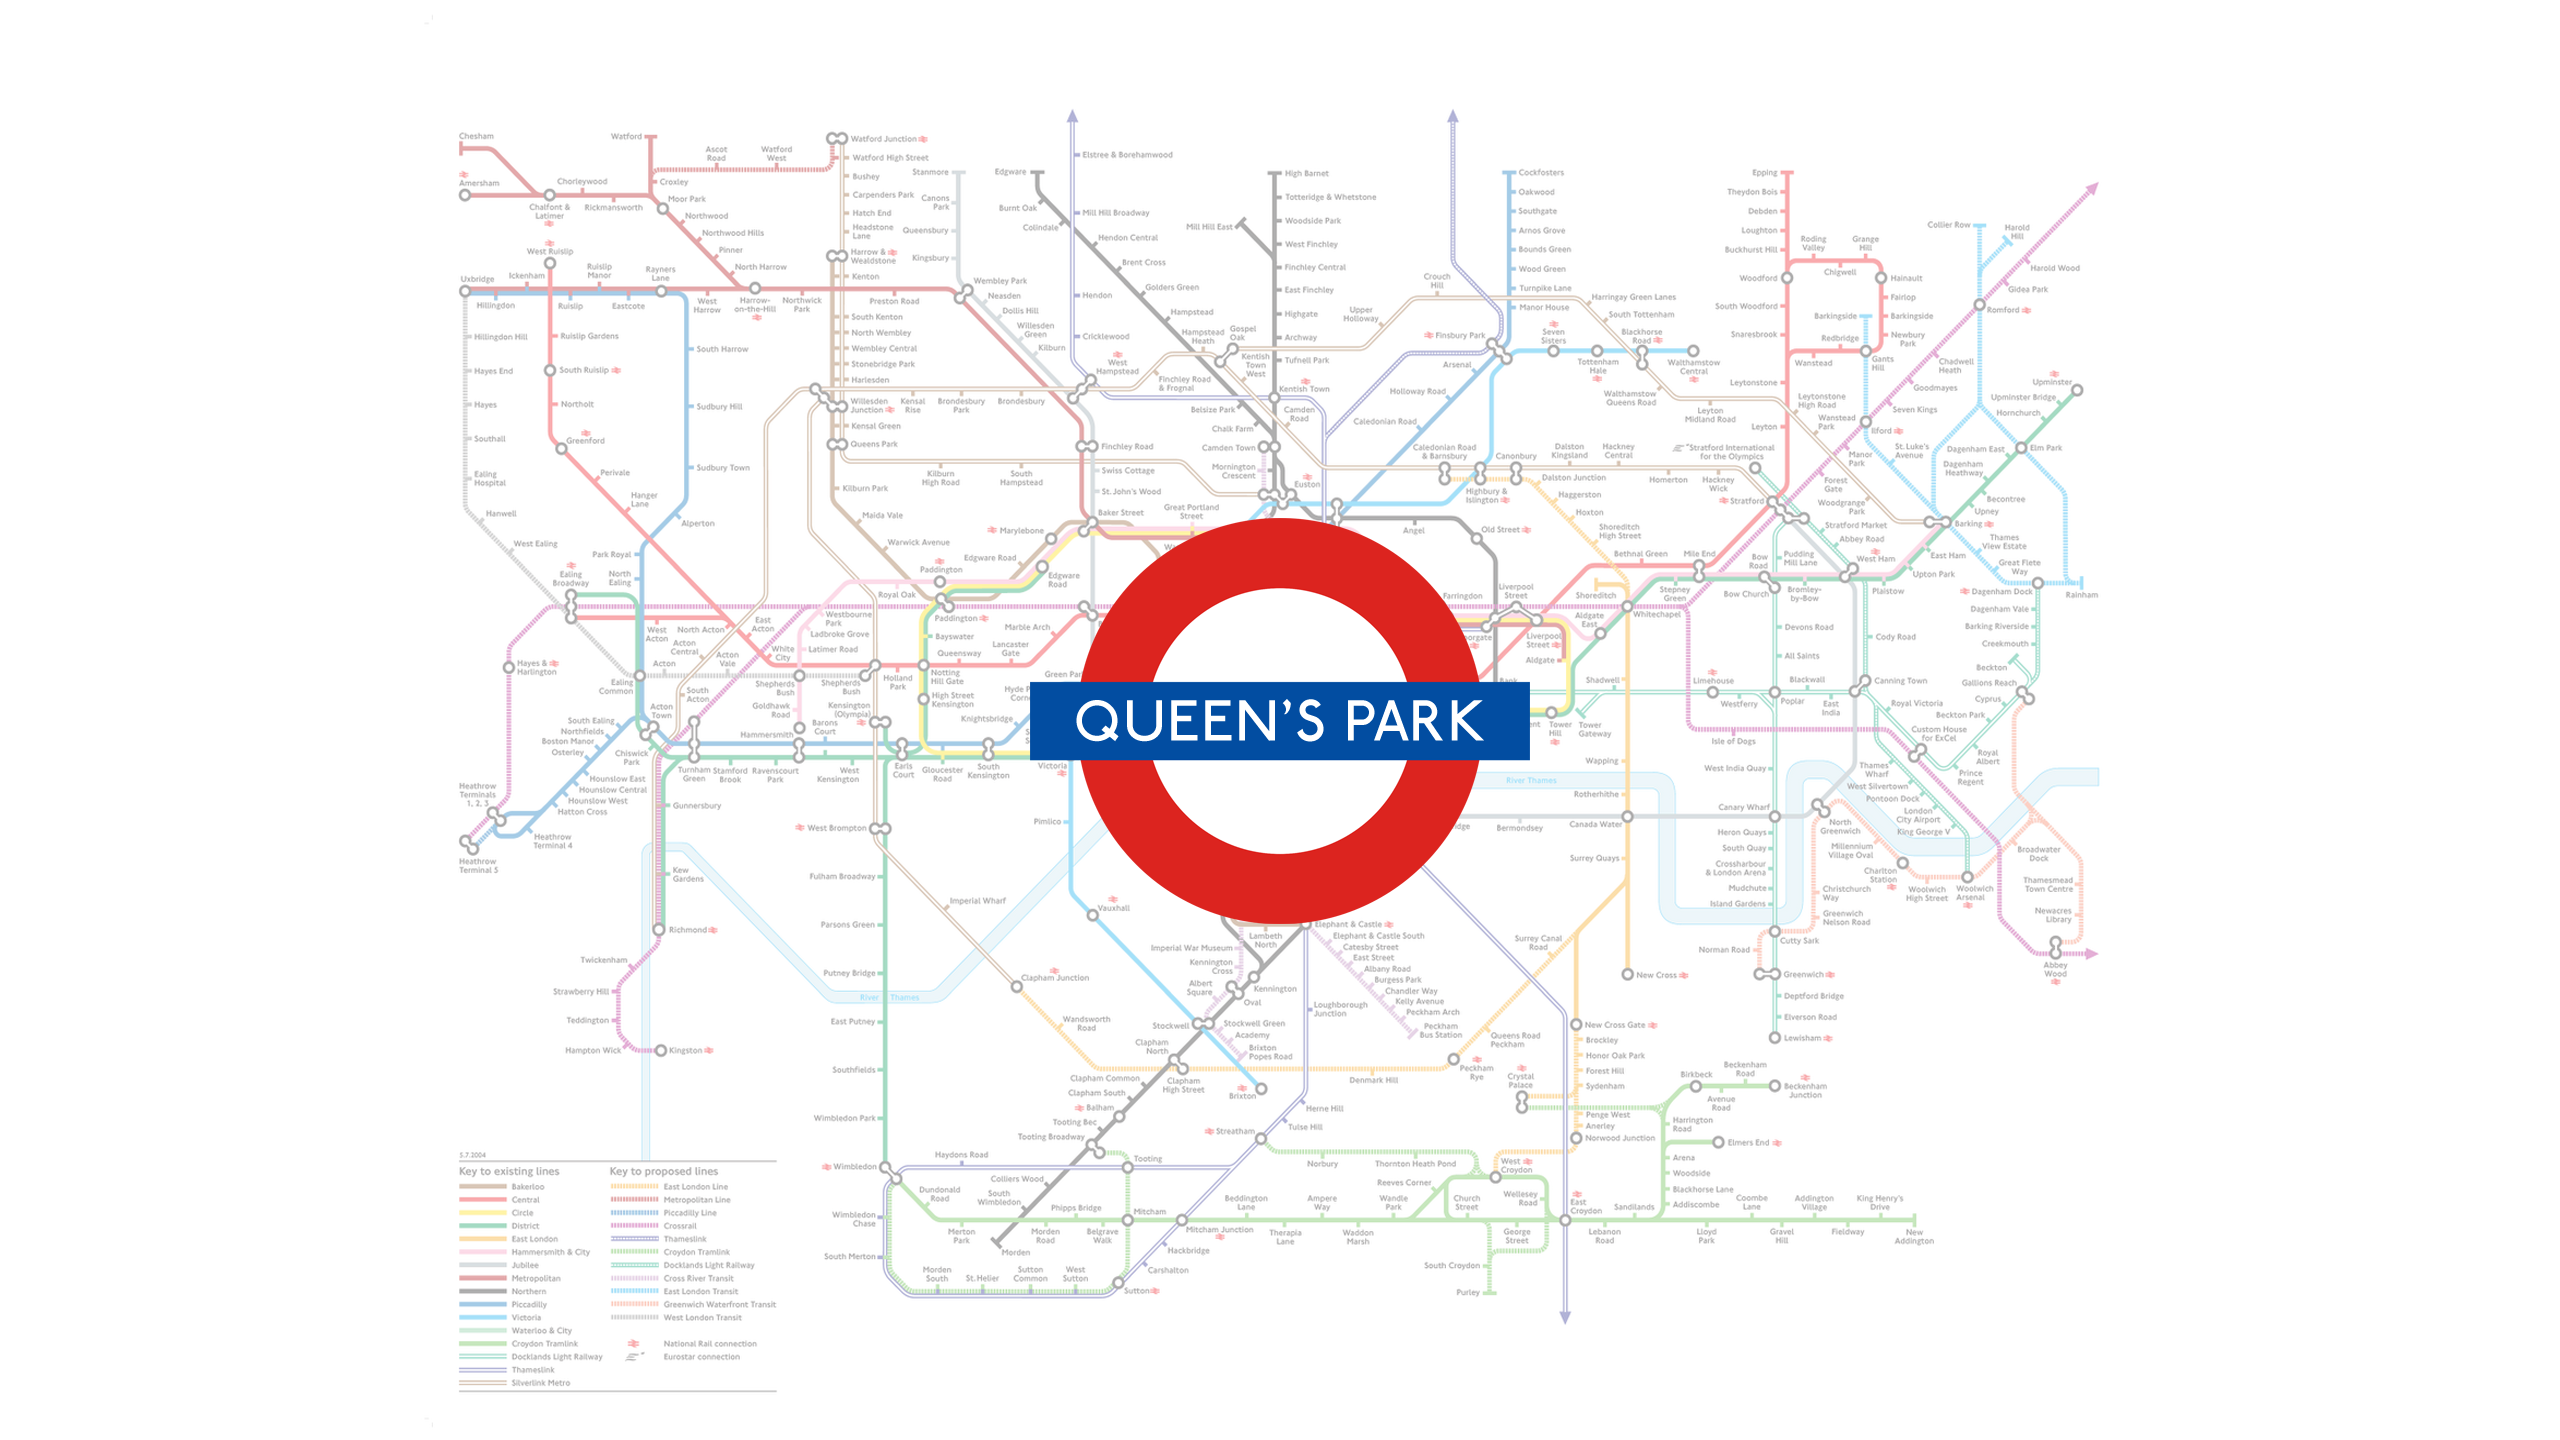 Queen's Park (Map)